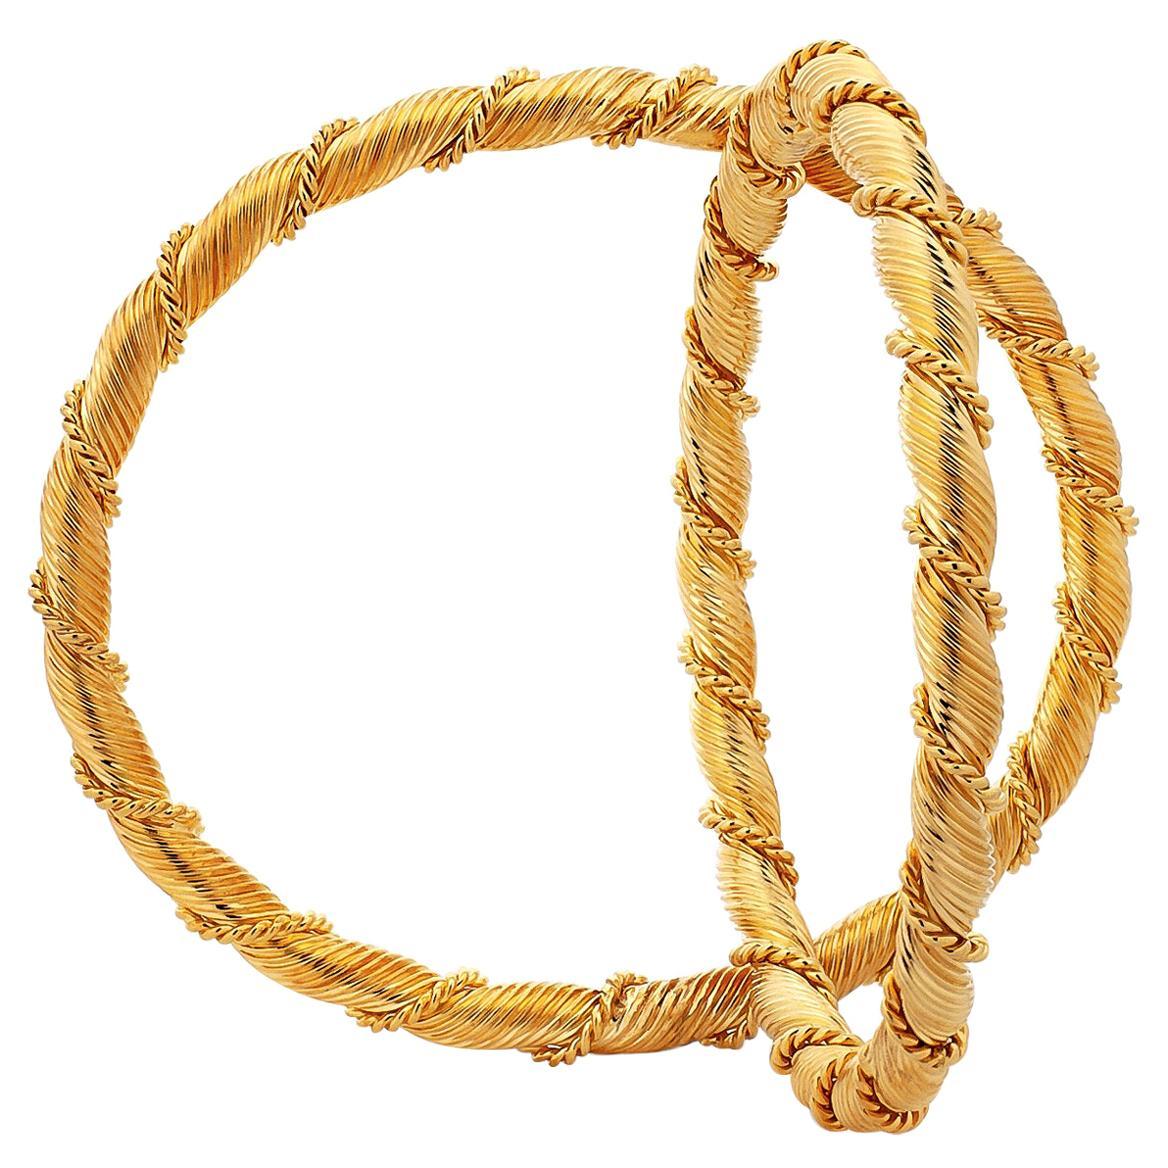 Van Cleef & Arpels France Vintage Twisted Gold Bangle Bracelets